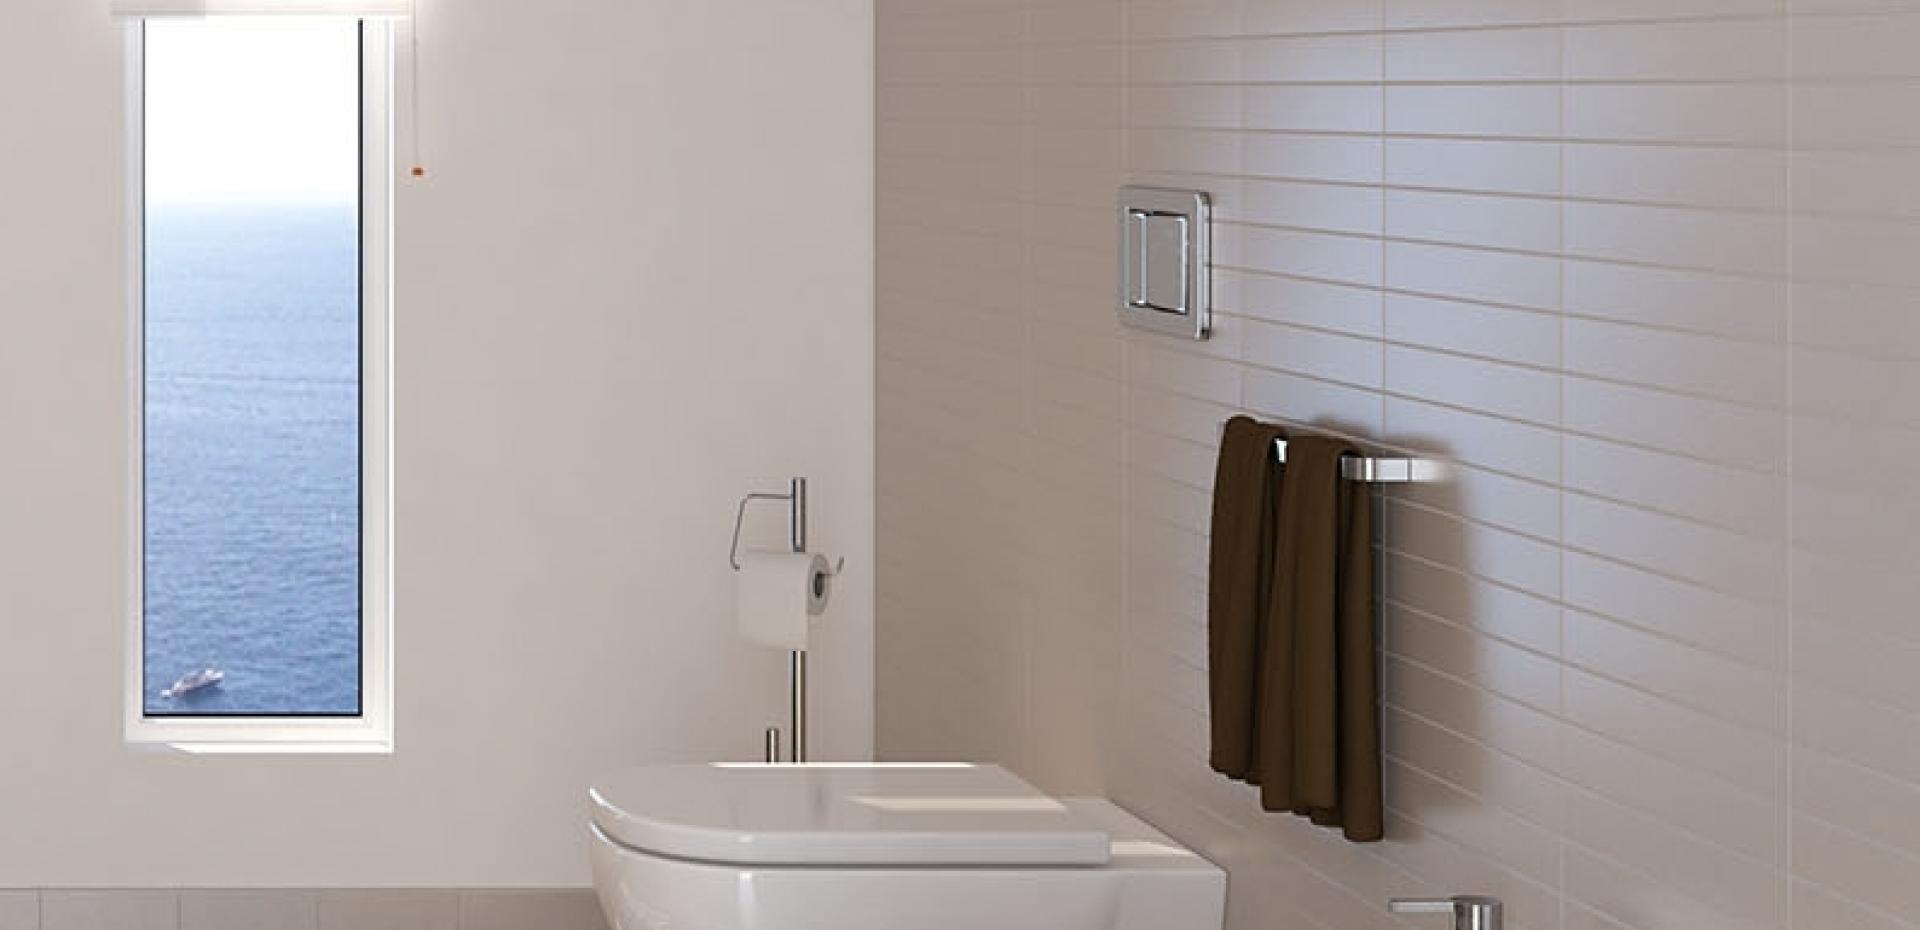 Piastrelle interni vogue system piastrelle per bagno e - Immagini piastrelle bagno ...